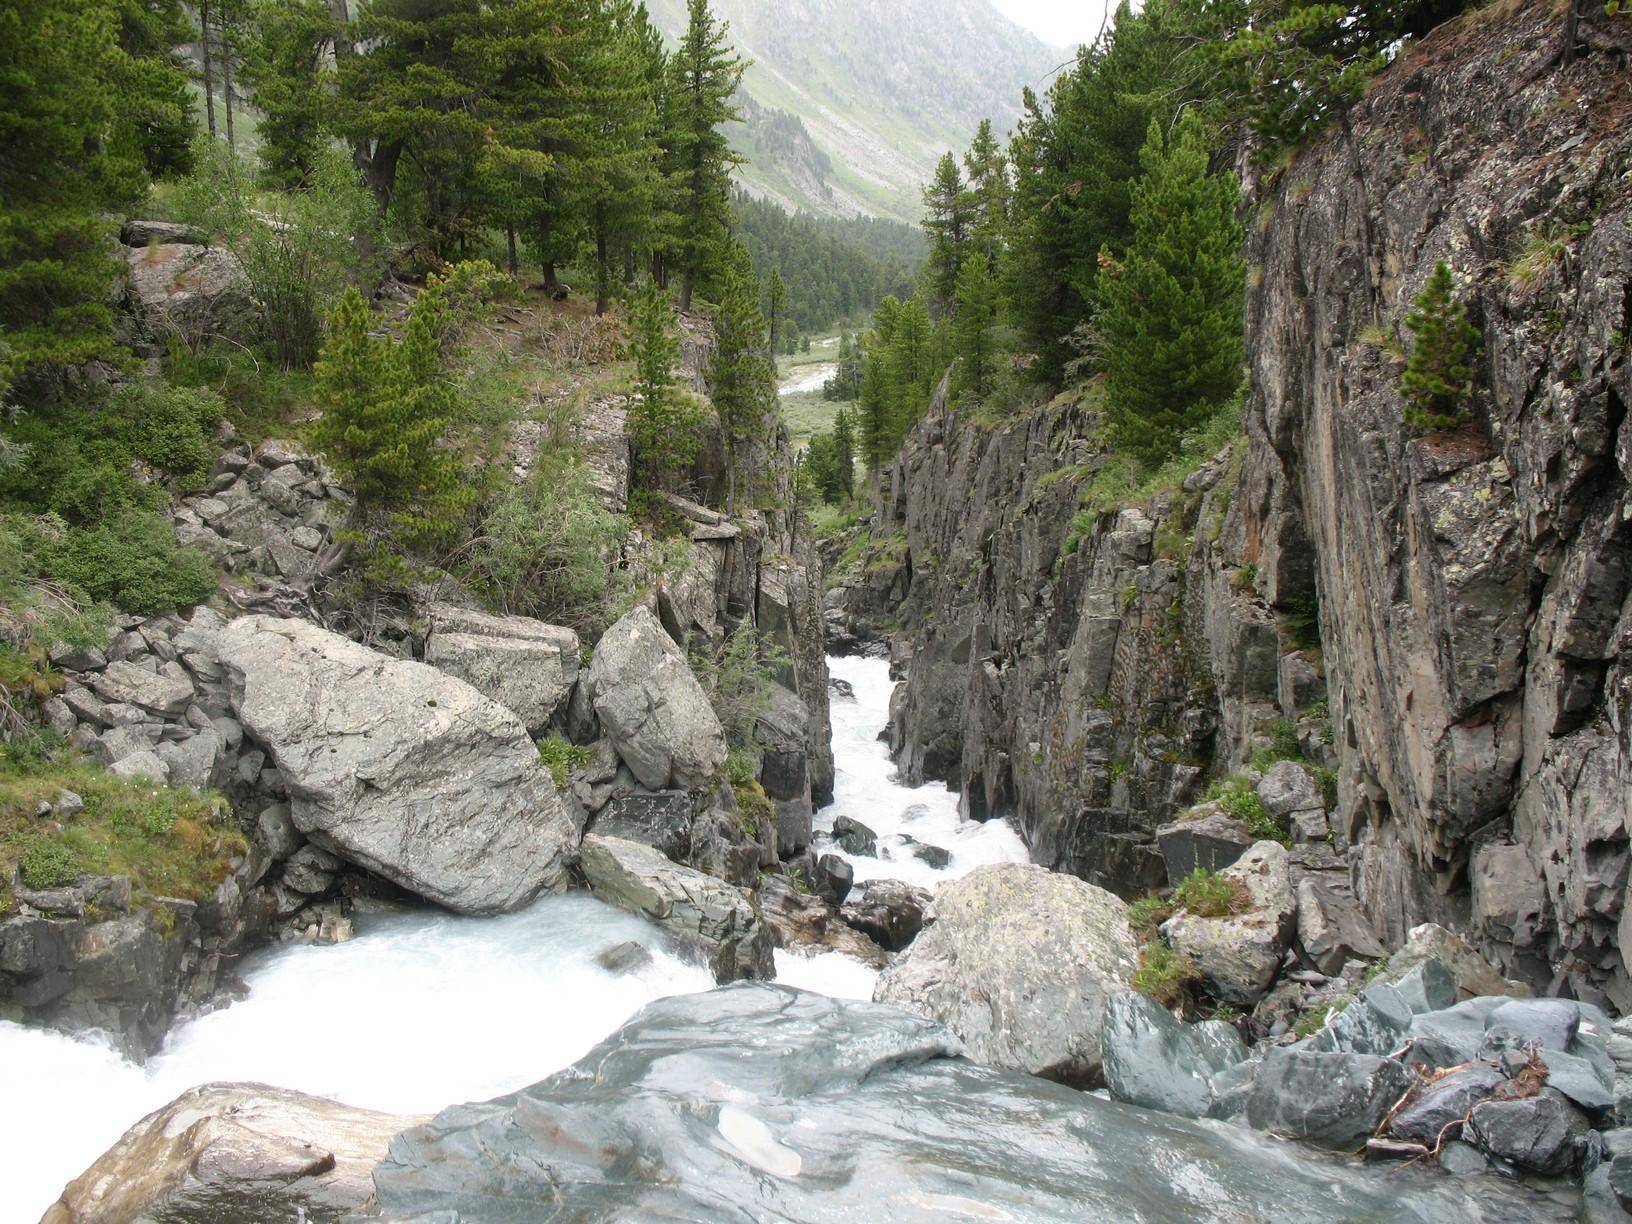 присущи фото истока реки катунь фото